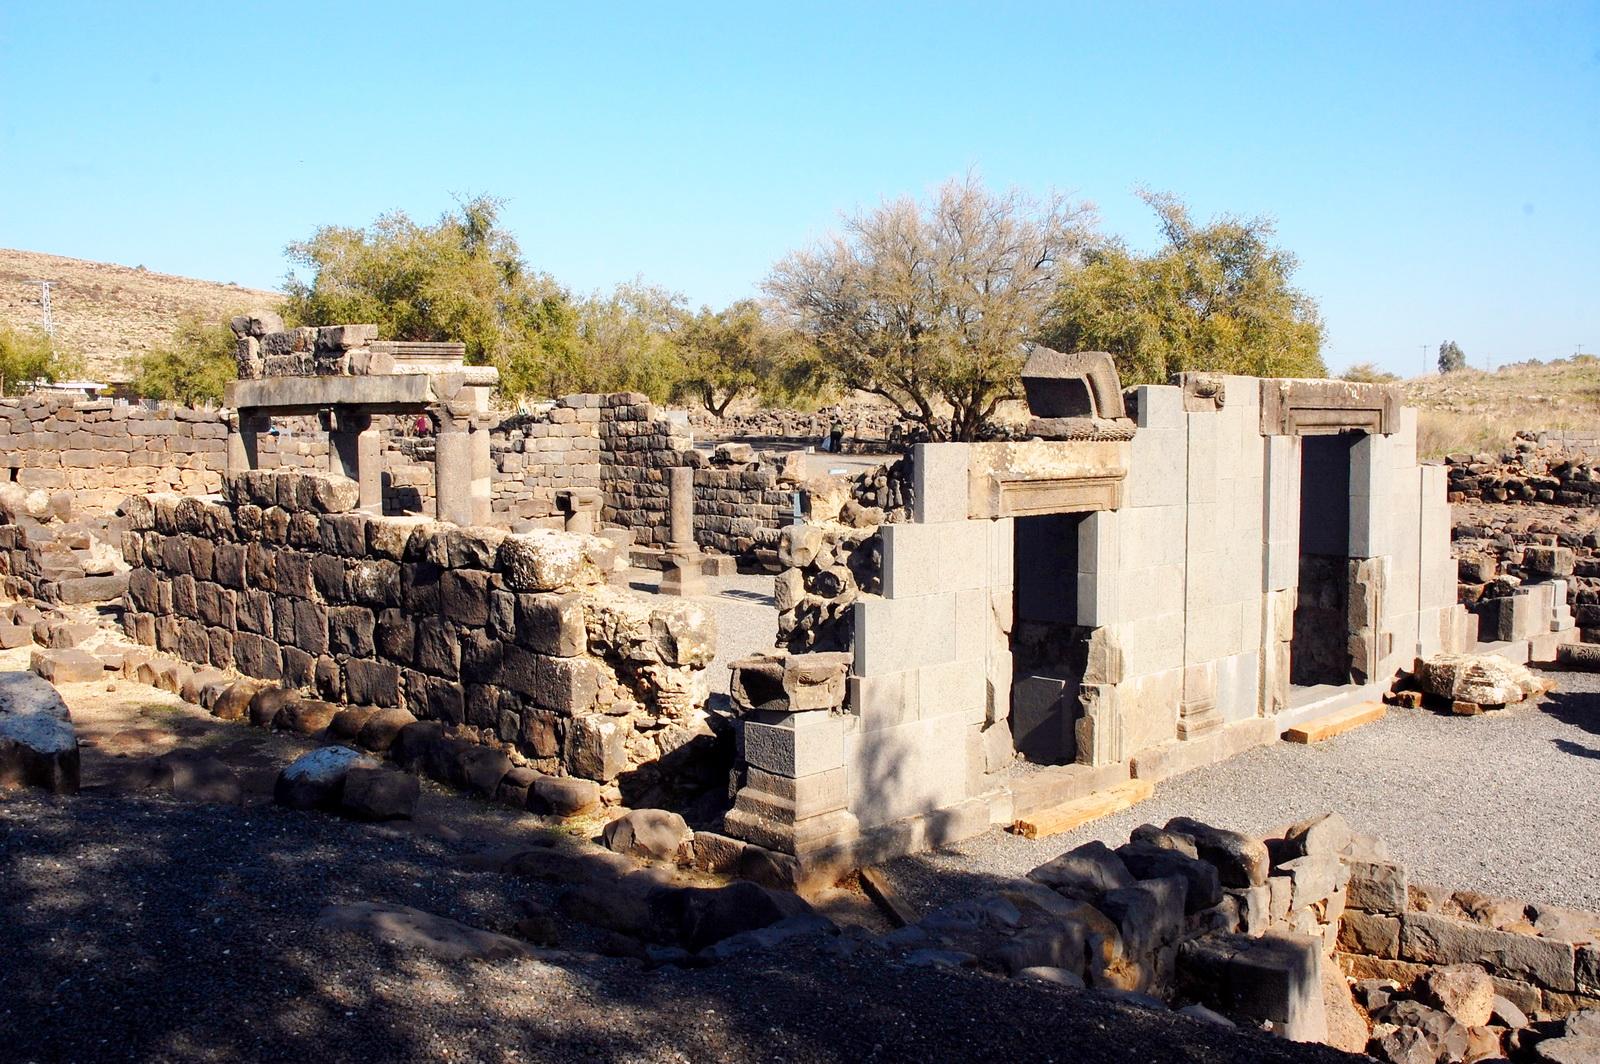 בית הכנסת בכורזים - מבט כללי